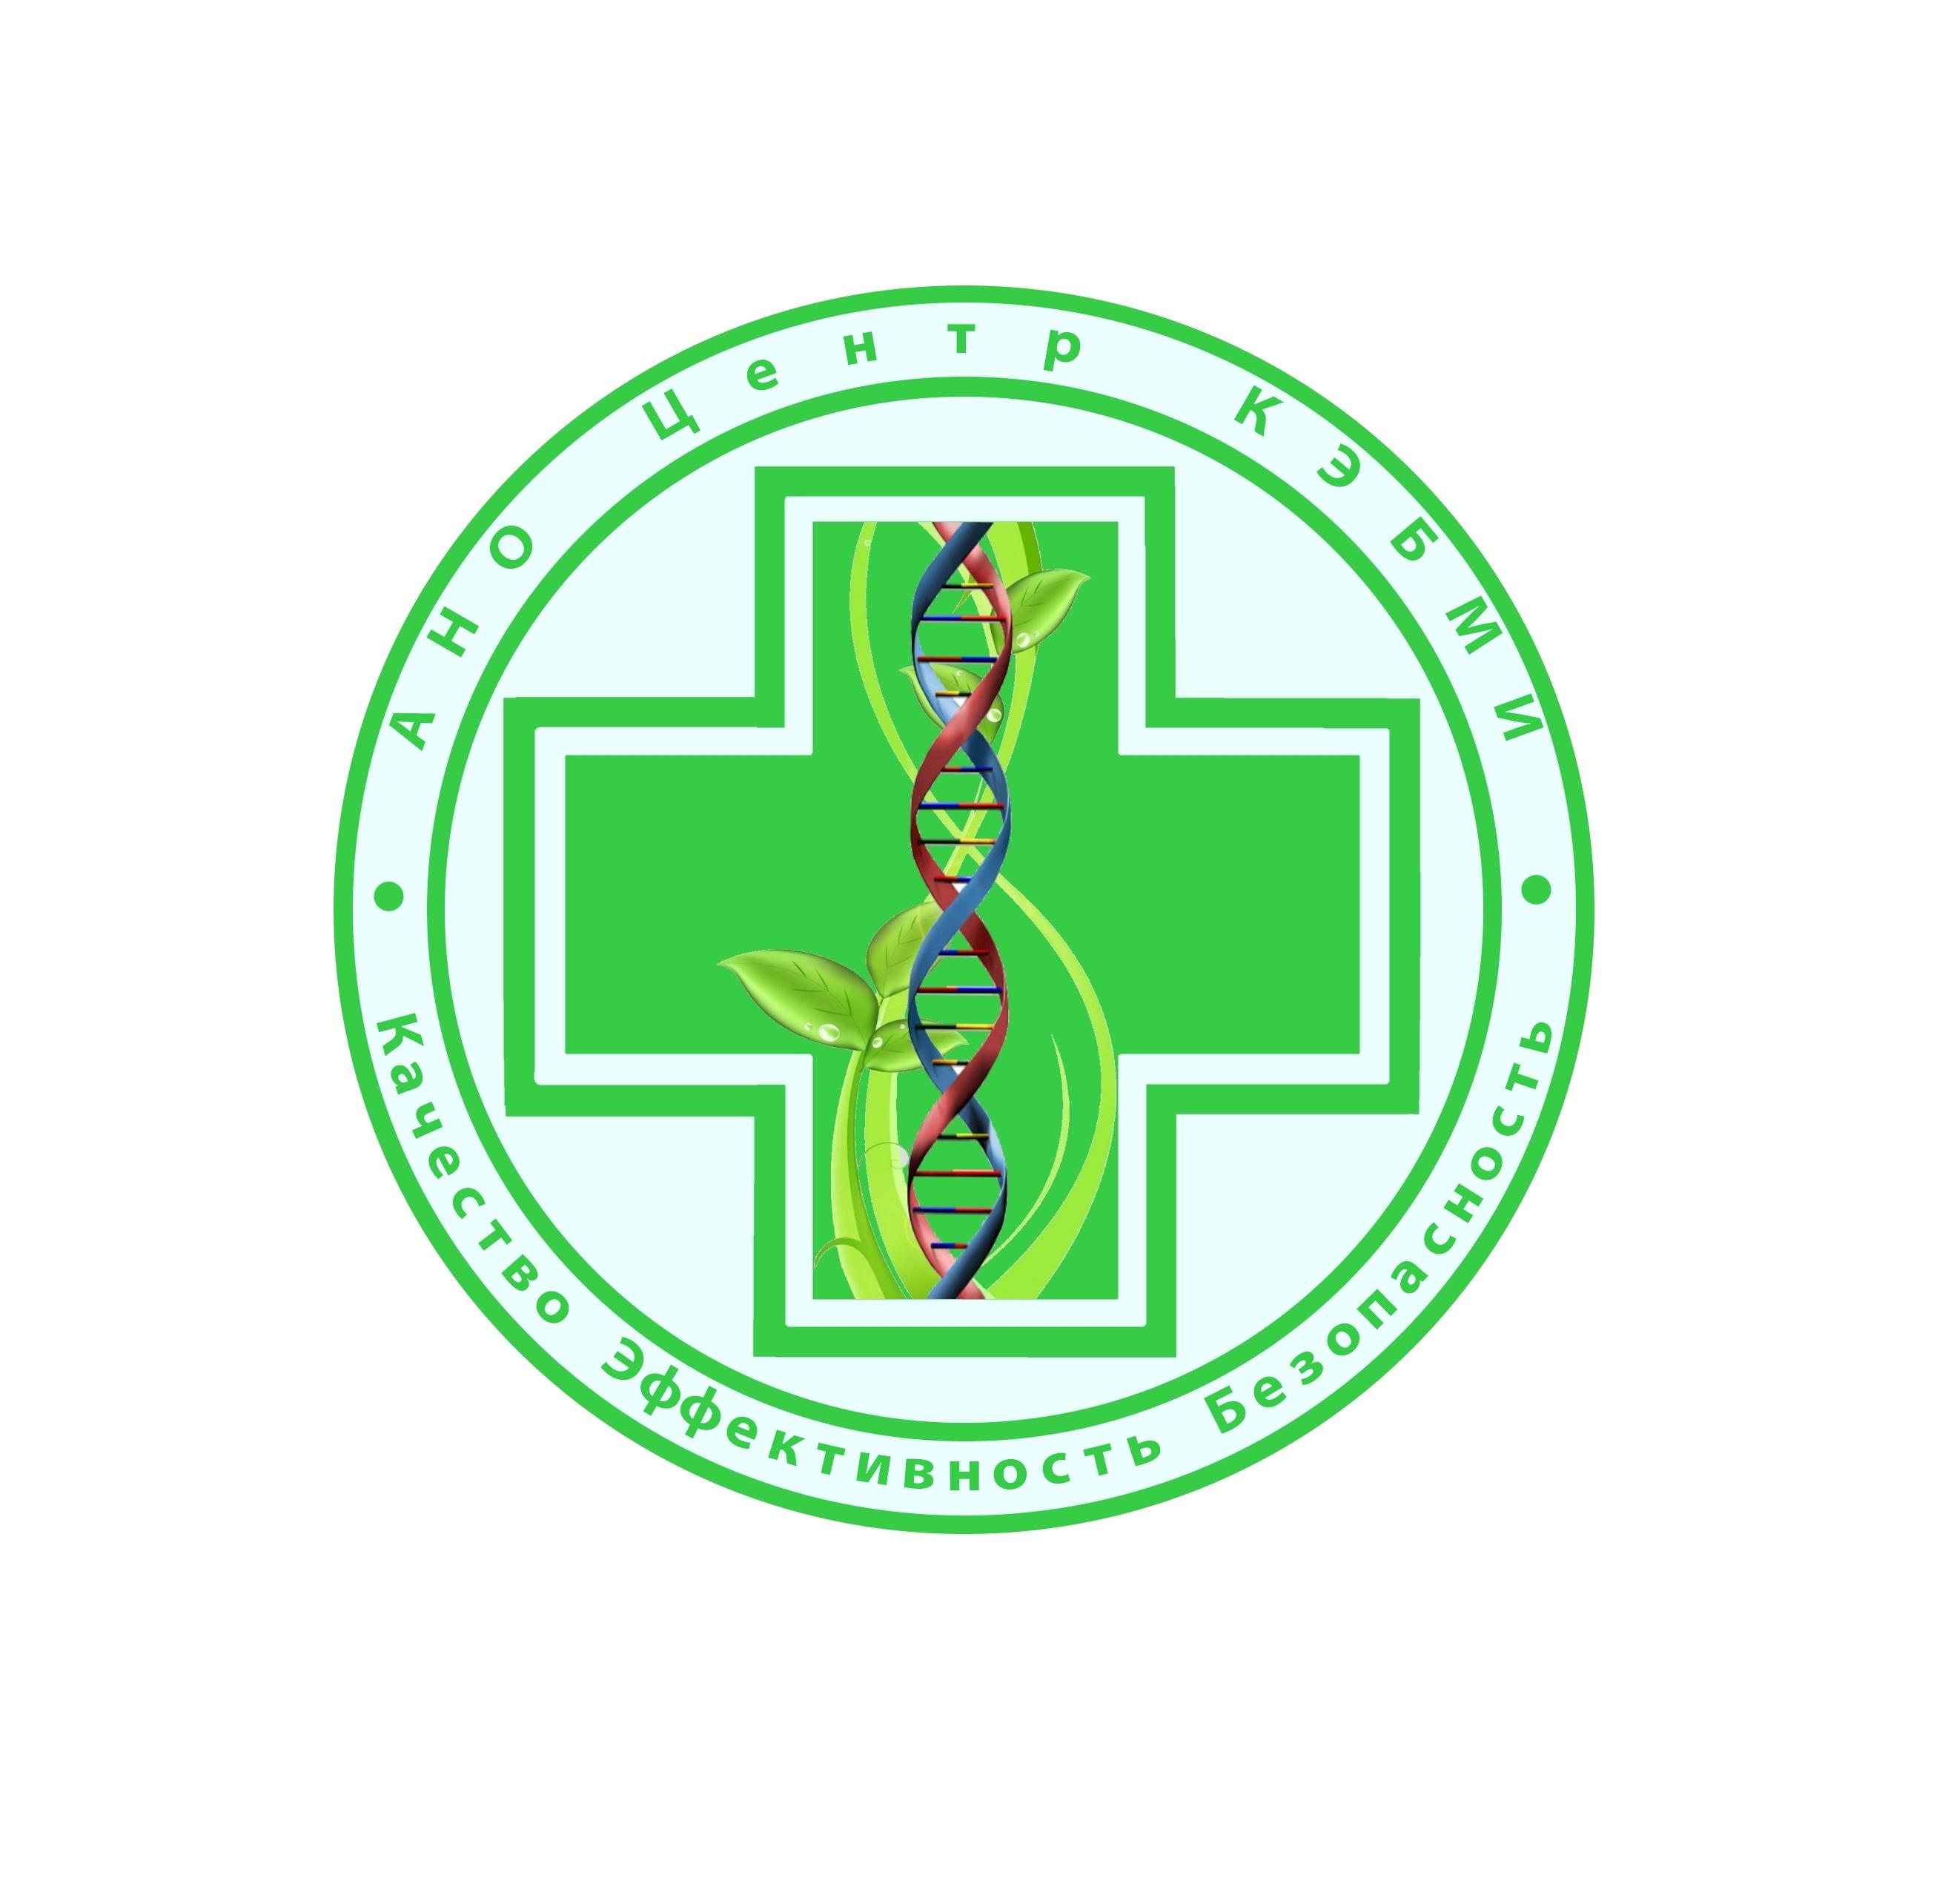 Редизайн логотипа АНО Центр КЭБМИ - BREVIS фото f_6285b24d5102f2e7.jpg